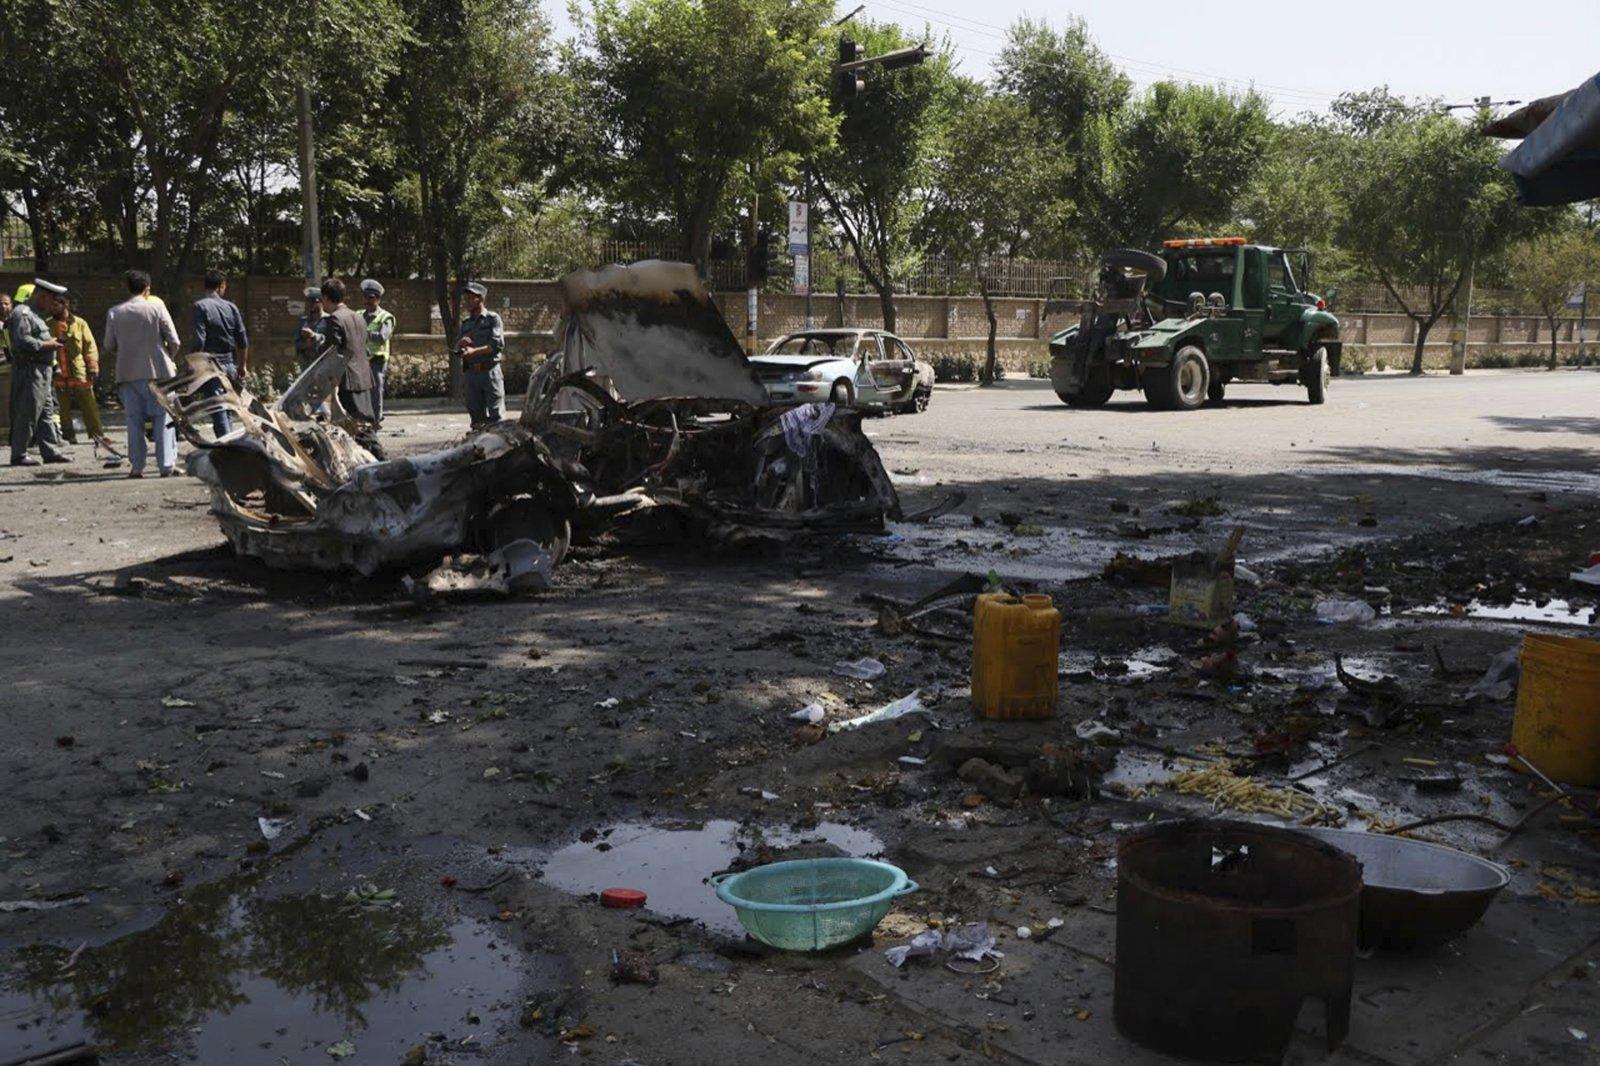 В результате взрыва возле Кабульского университета погибли четыре человека